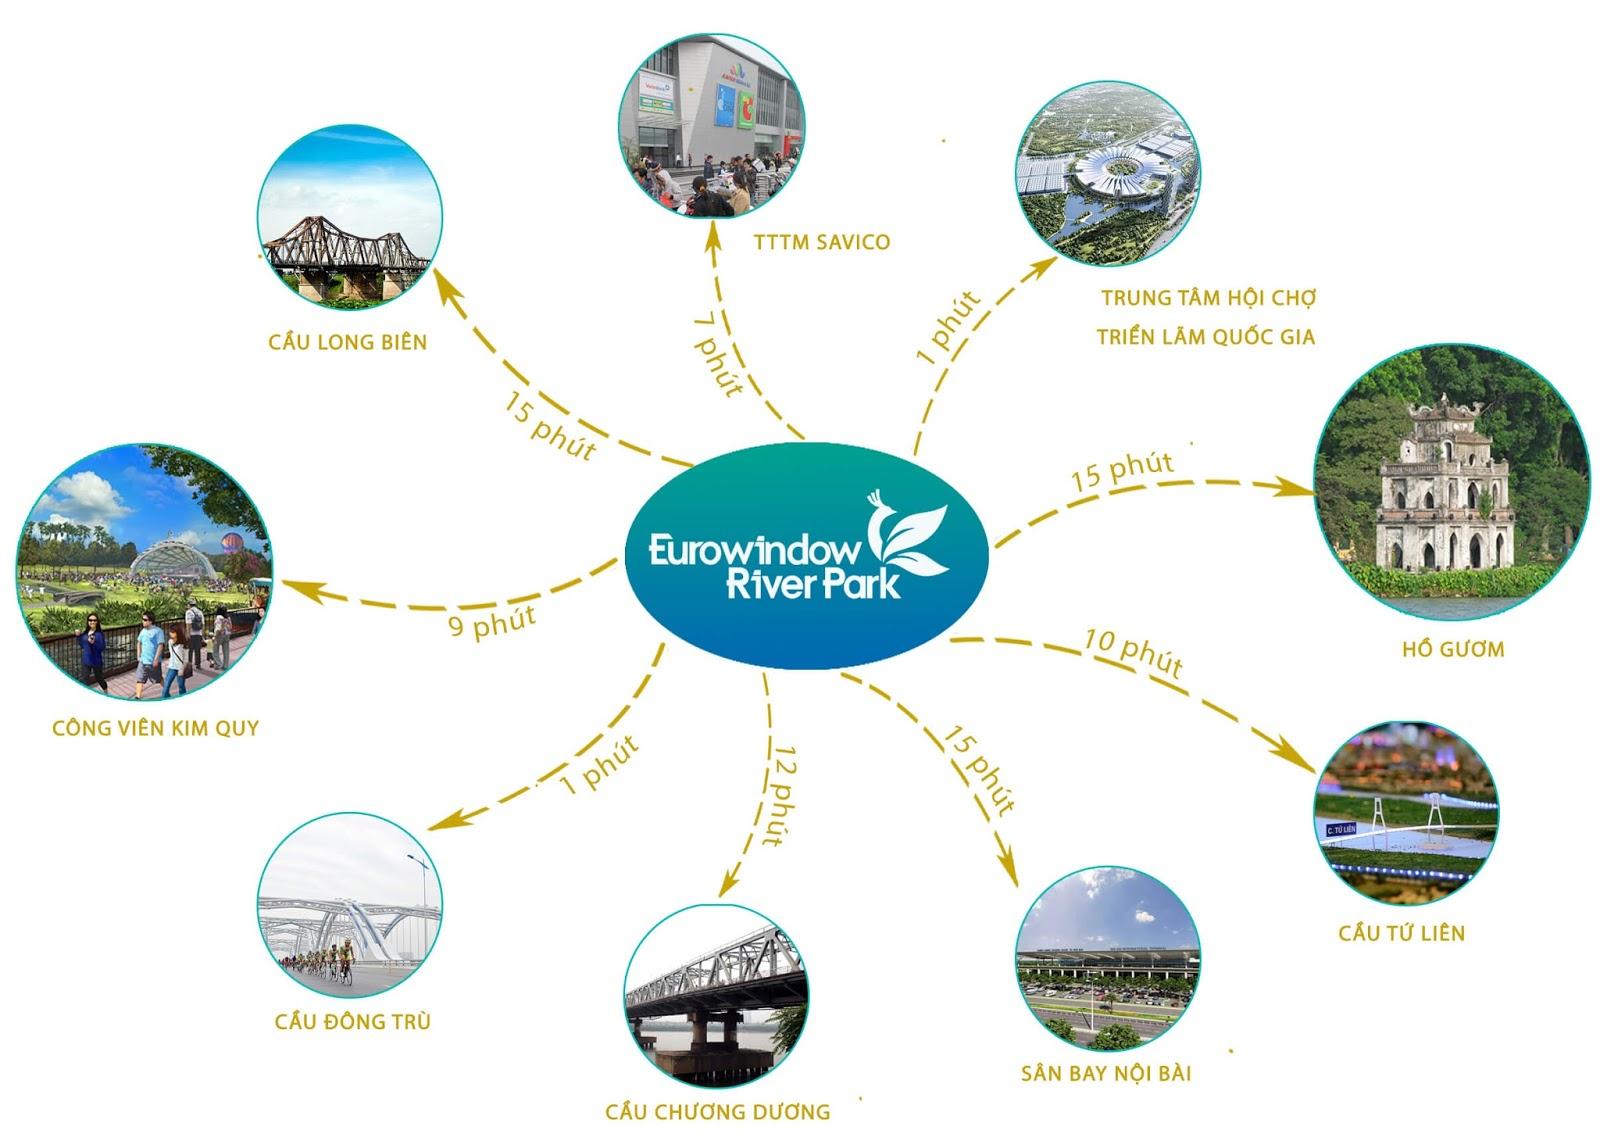 Liên kết vùng tại dự án chung cư Eurowindow River Park Đông Anh